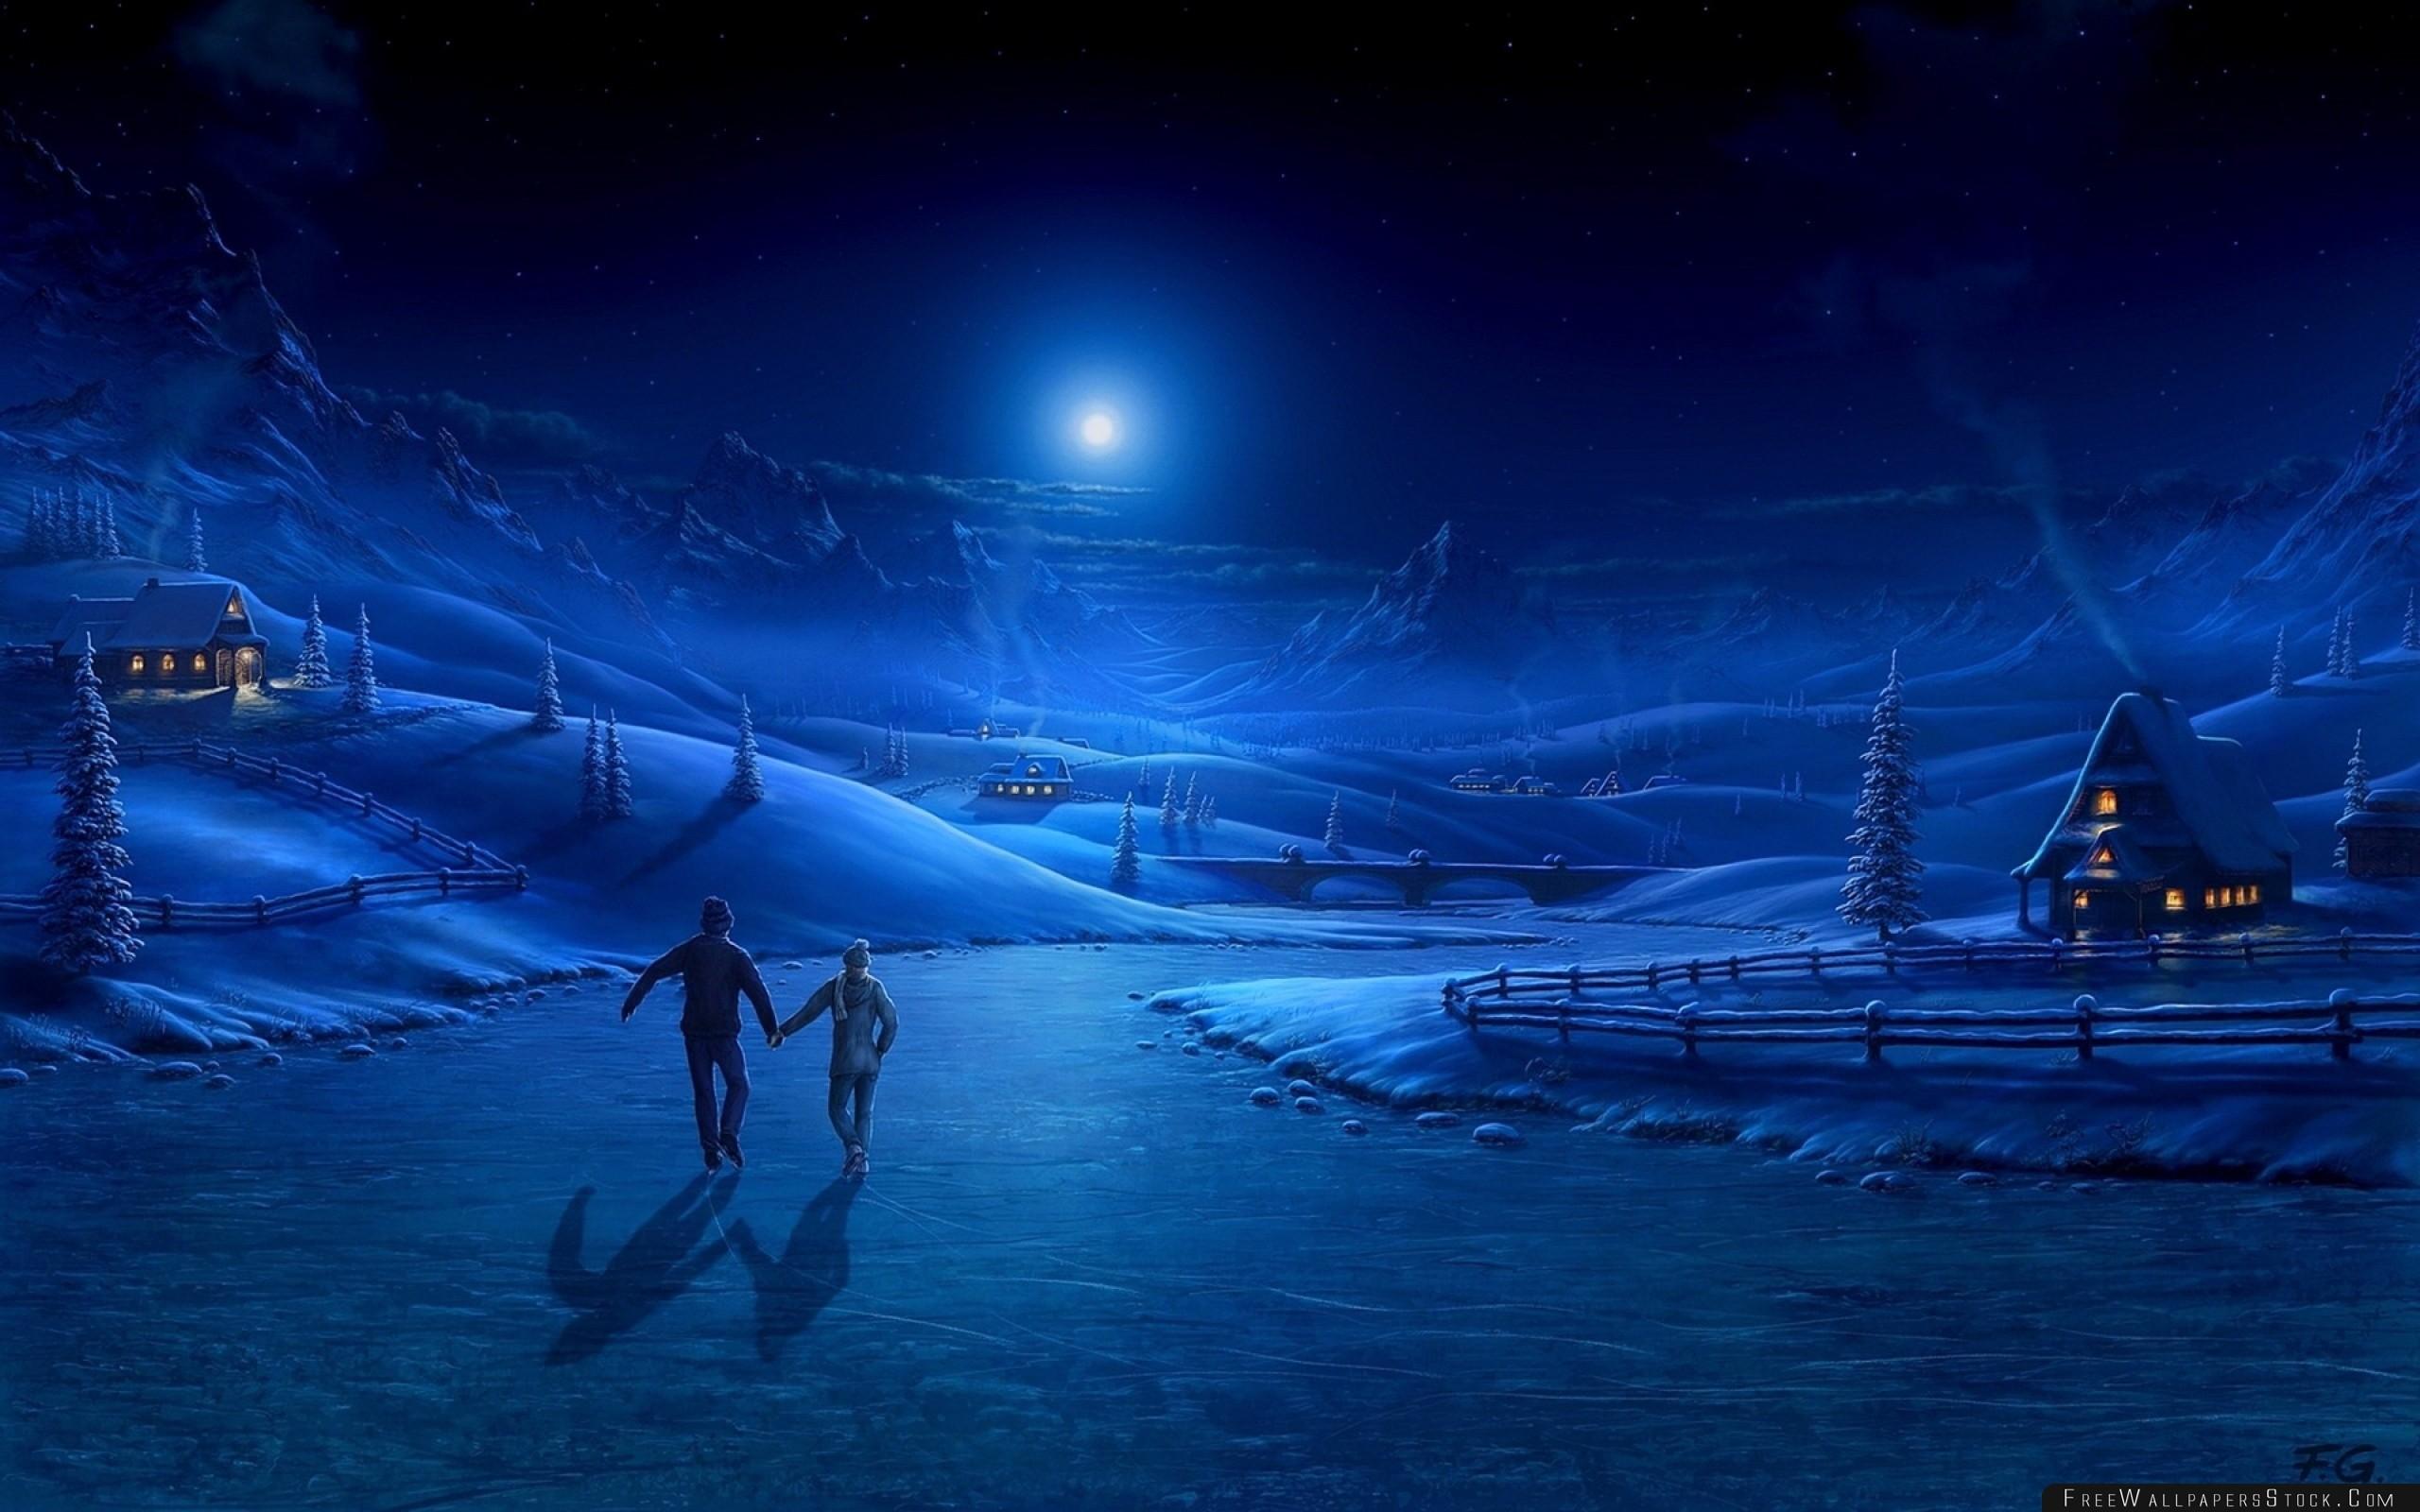 Download Free Wallpaper Night Ice Pair Light Moon Skating Rink Art Lodge Smoke